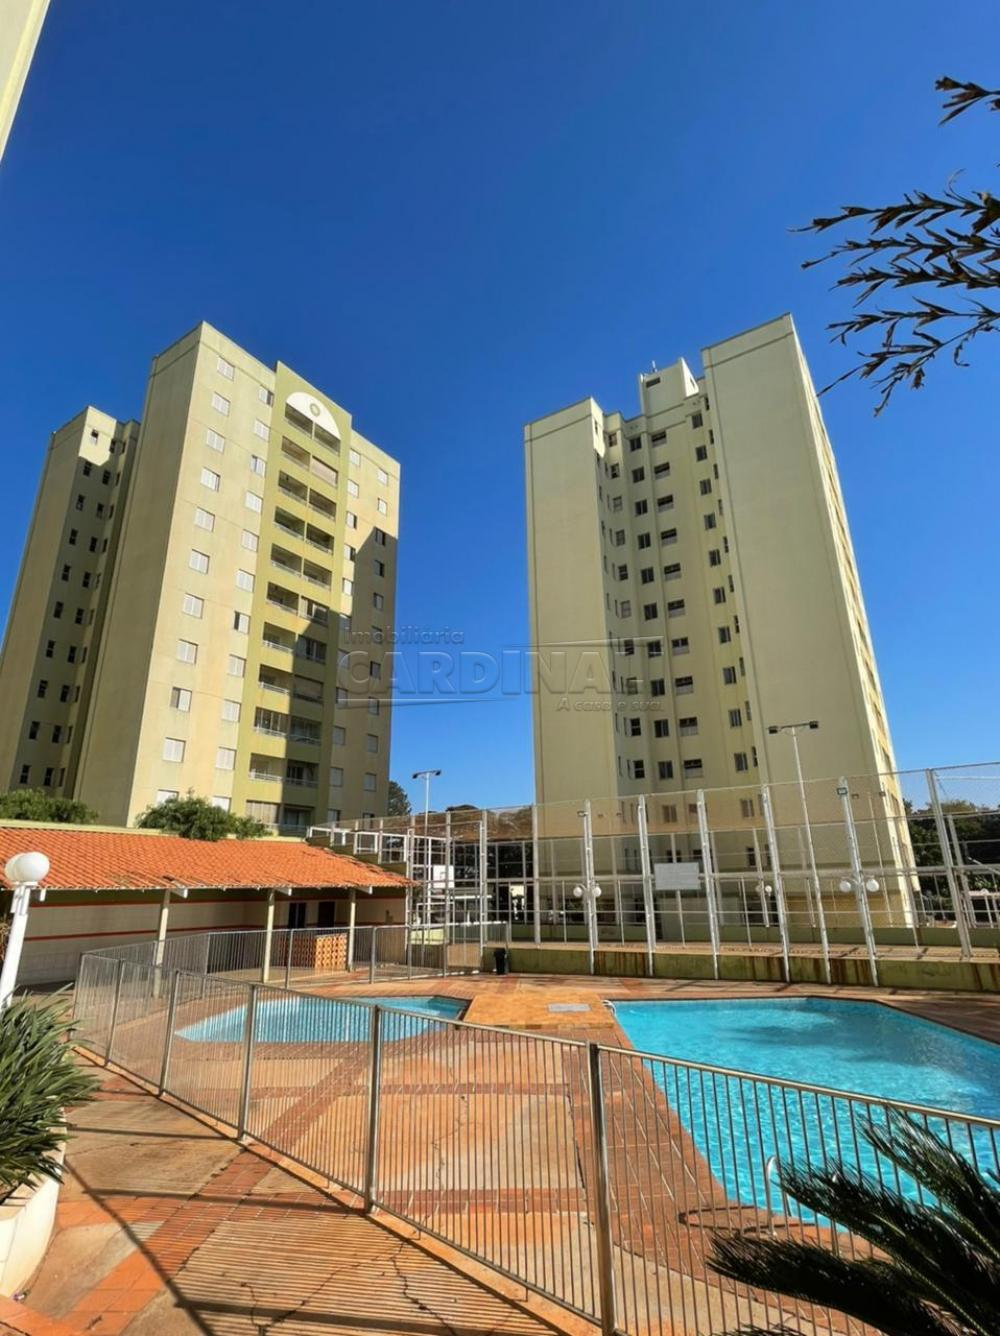 Comprar Apartamento / Padrão em Araraquara R$ 260.000,00 - Foto 1